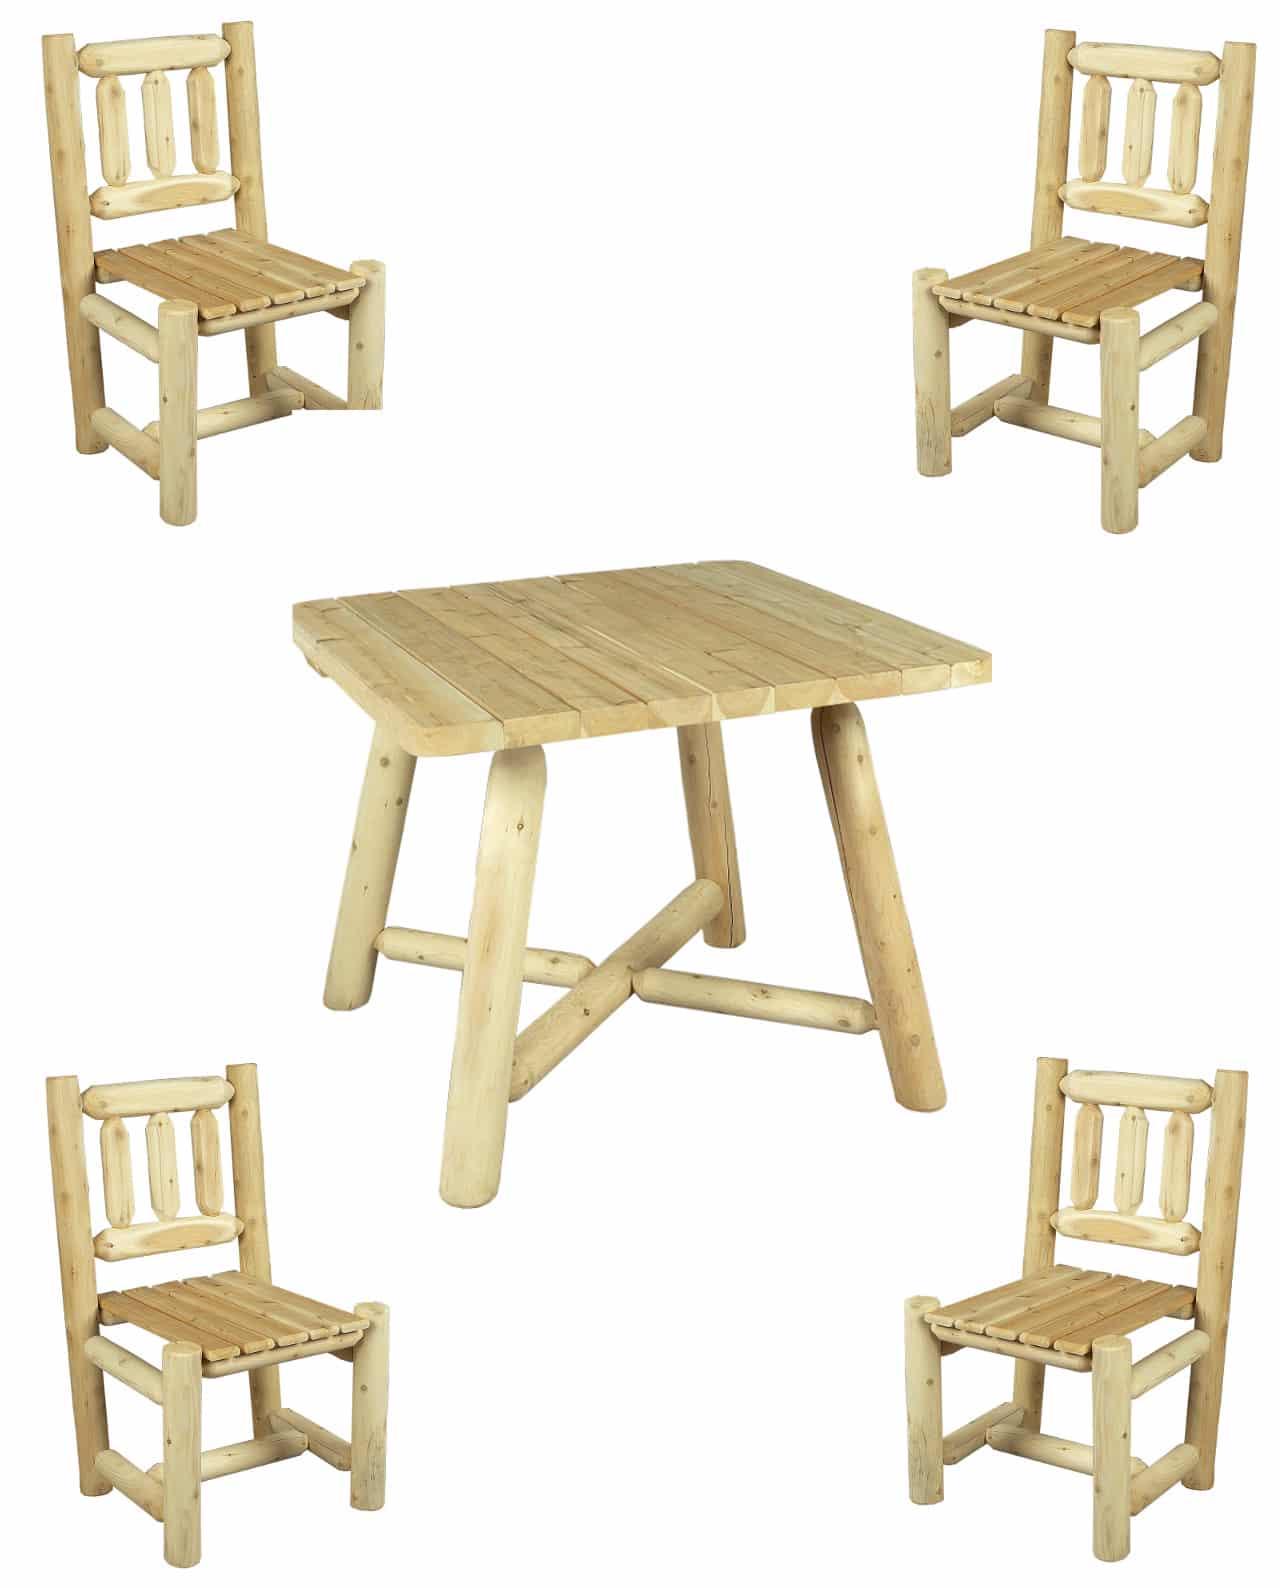 table et chaise en bois ensemble repas n 4s c dre rondins. Black Bedroom Furniture Sets. Home Design Ideas